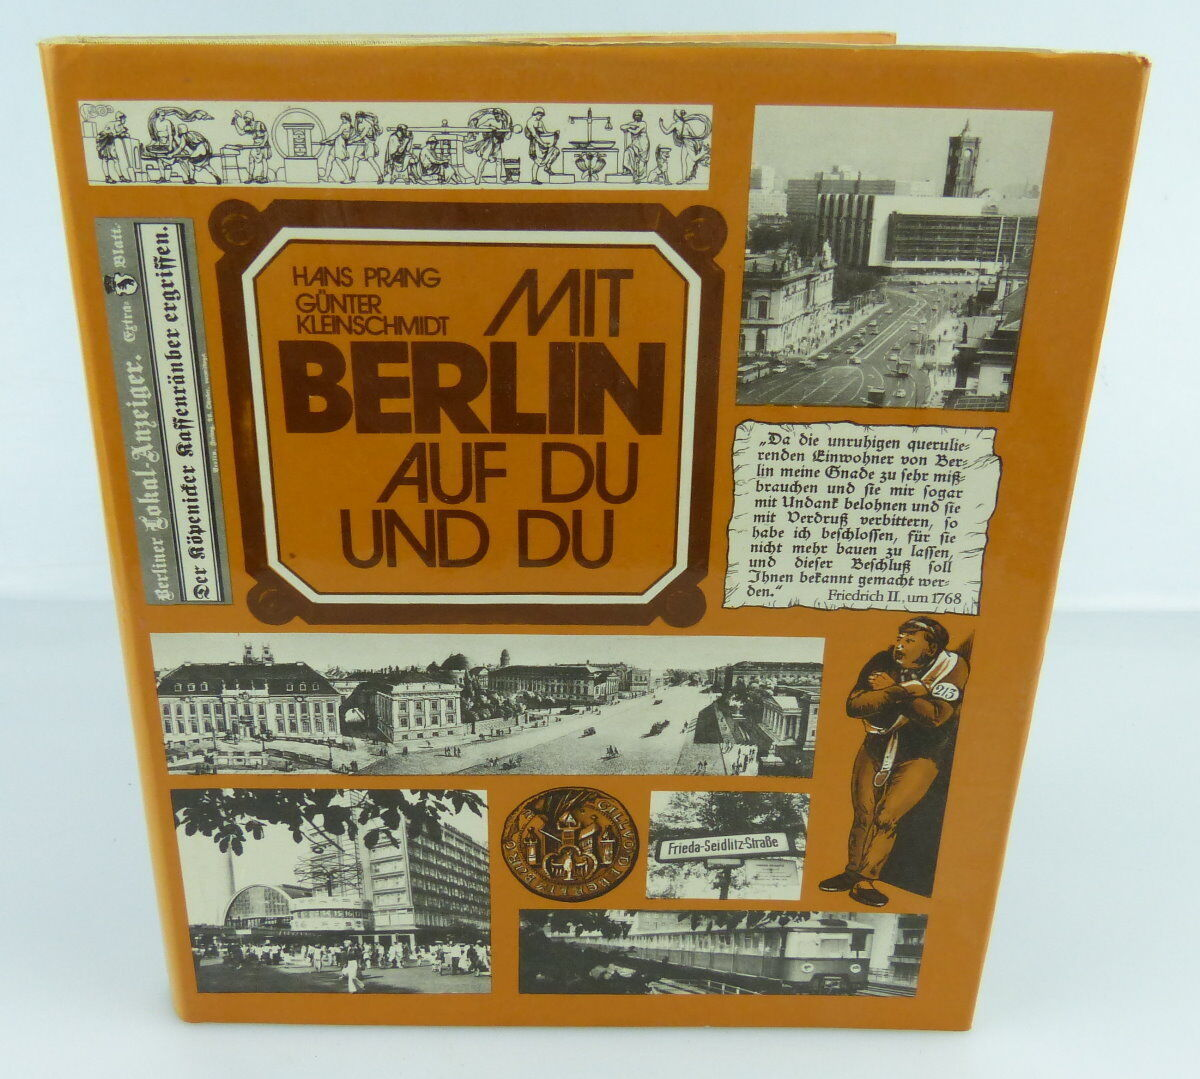 Buch: Mit Berlin auf Du und Du, F.A.Brockhausverlag Leipzig 1980/rebu005